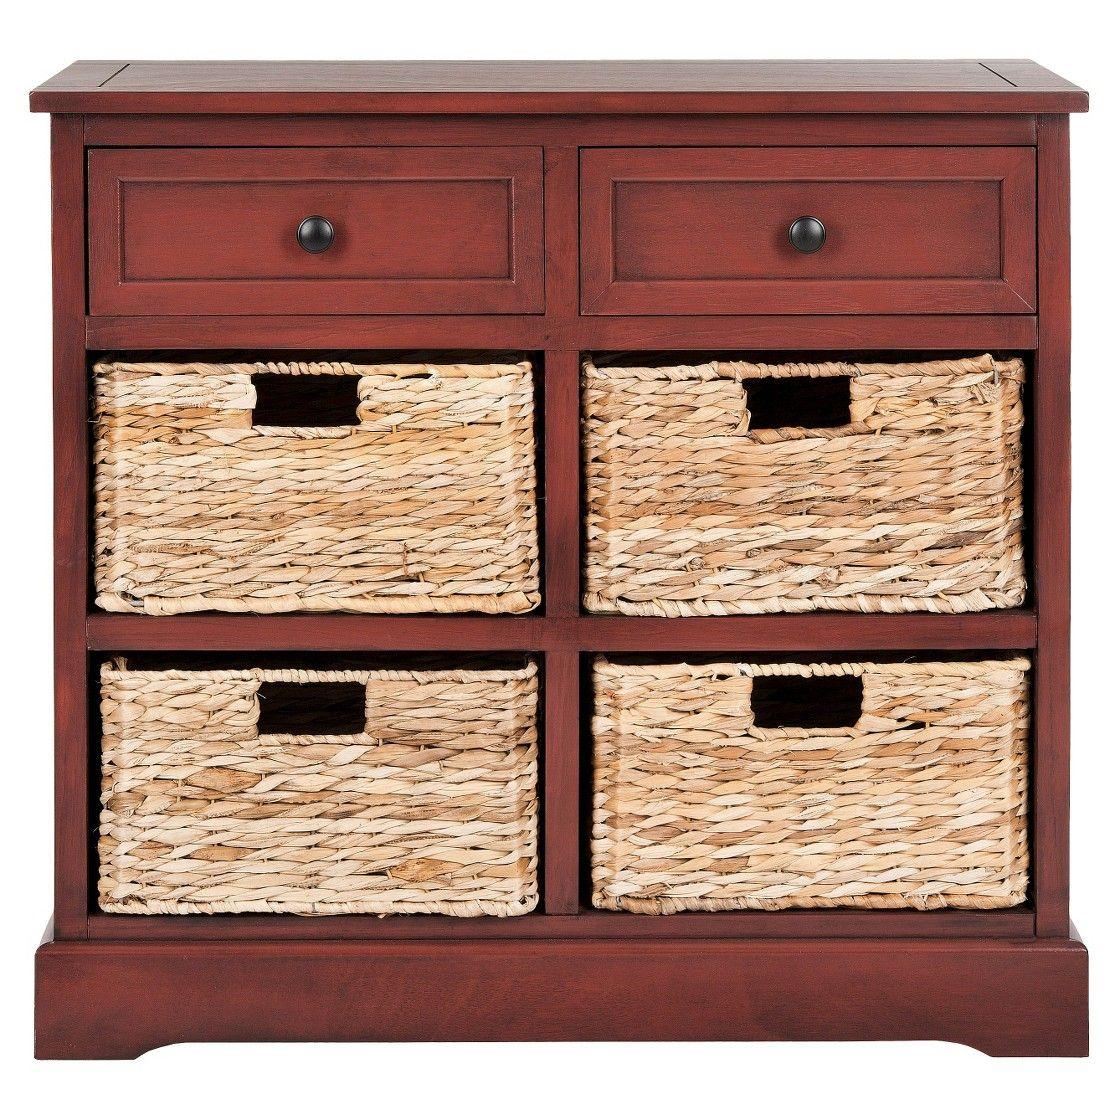 Safavieh Storage Cabinet - Red